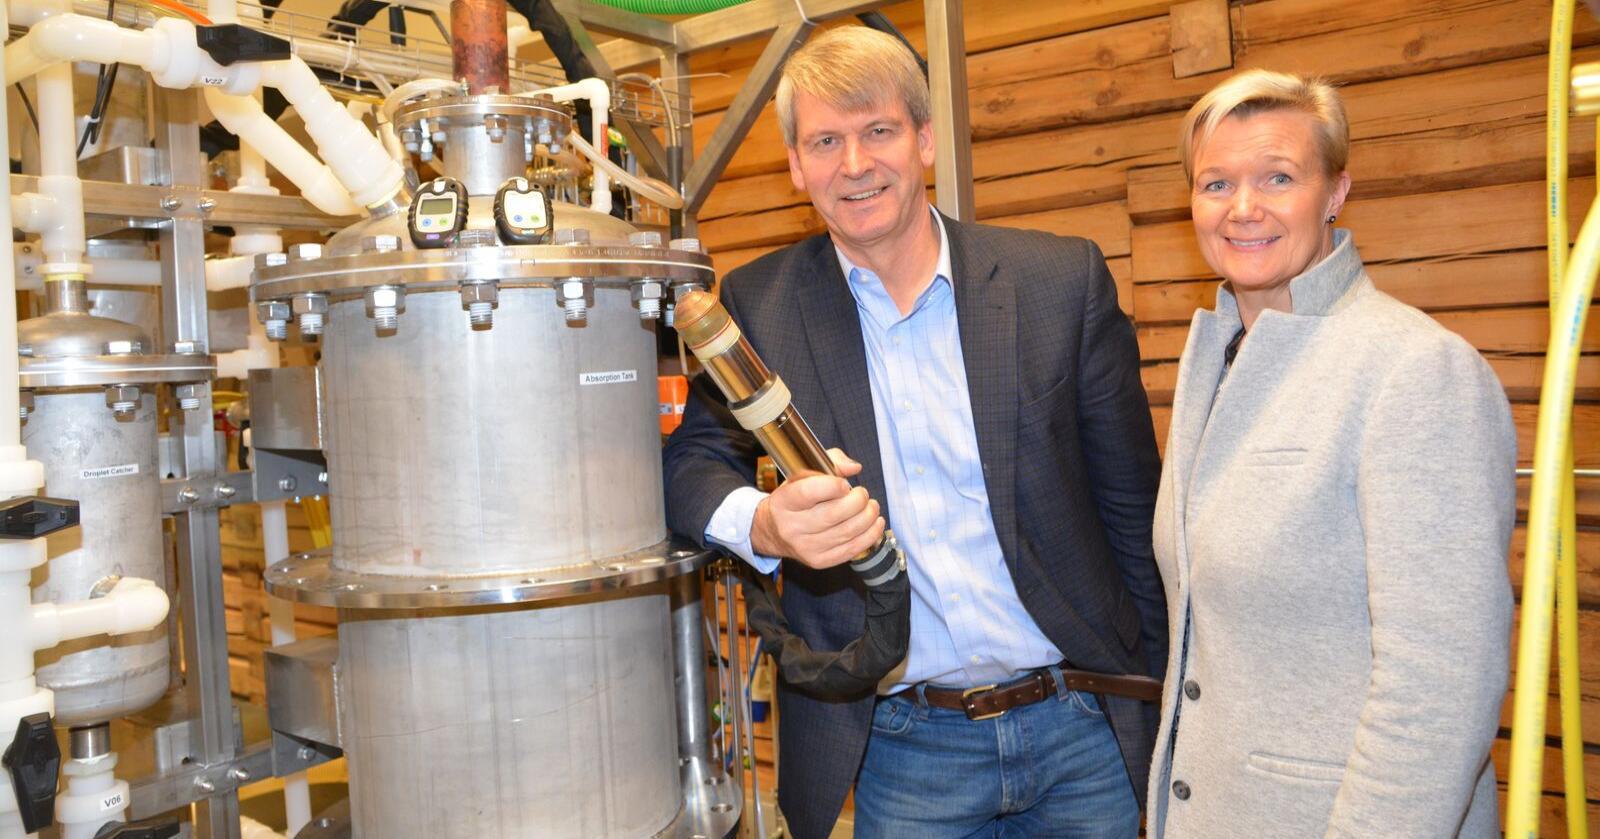 Grete Sønsteby og Rune Ingels i N2 Applied utvikler teknologi som kan optimalisere utnyttelsen av nitrogen på norske gårdsbruk og redusere lystgassutslippene betydelig. Arkivfoto: Anders Sandbu